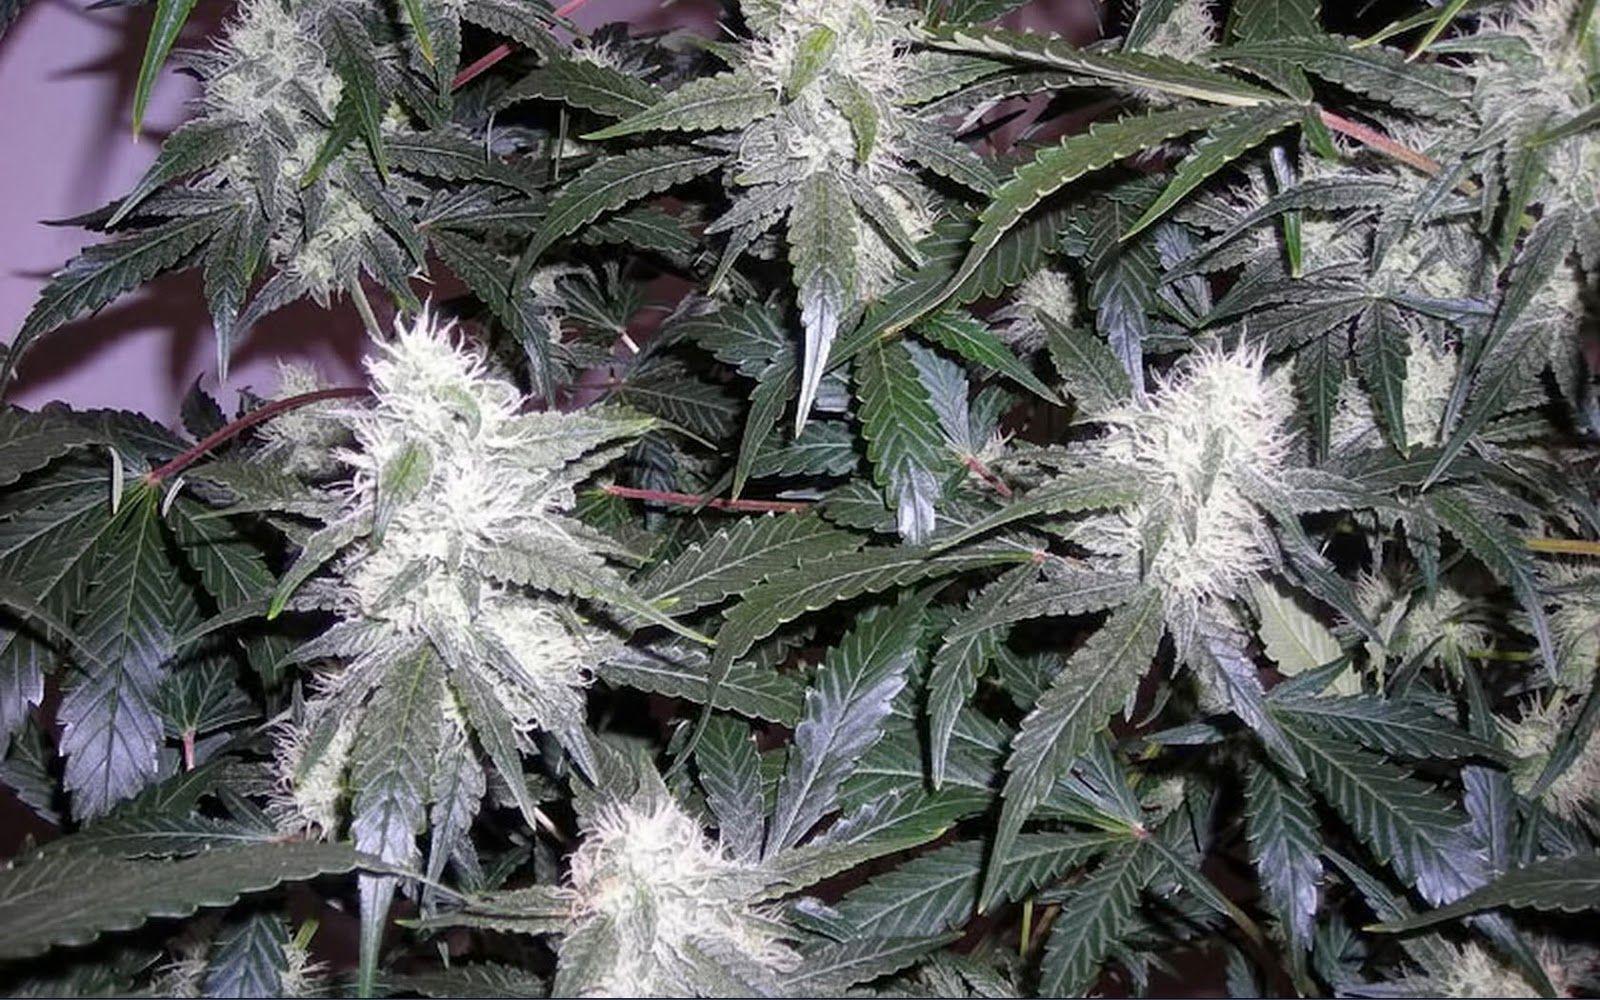 The Feminized White Widow Marijuana Strain Is Developed By Dutch